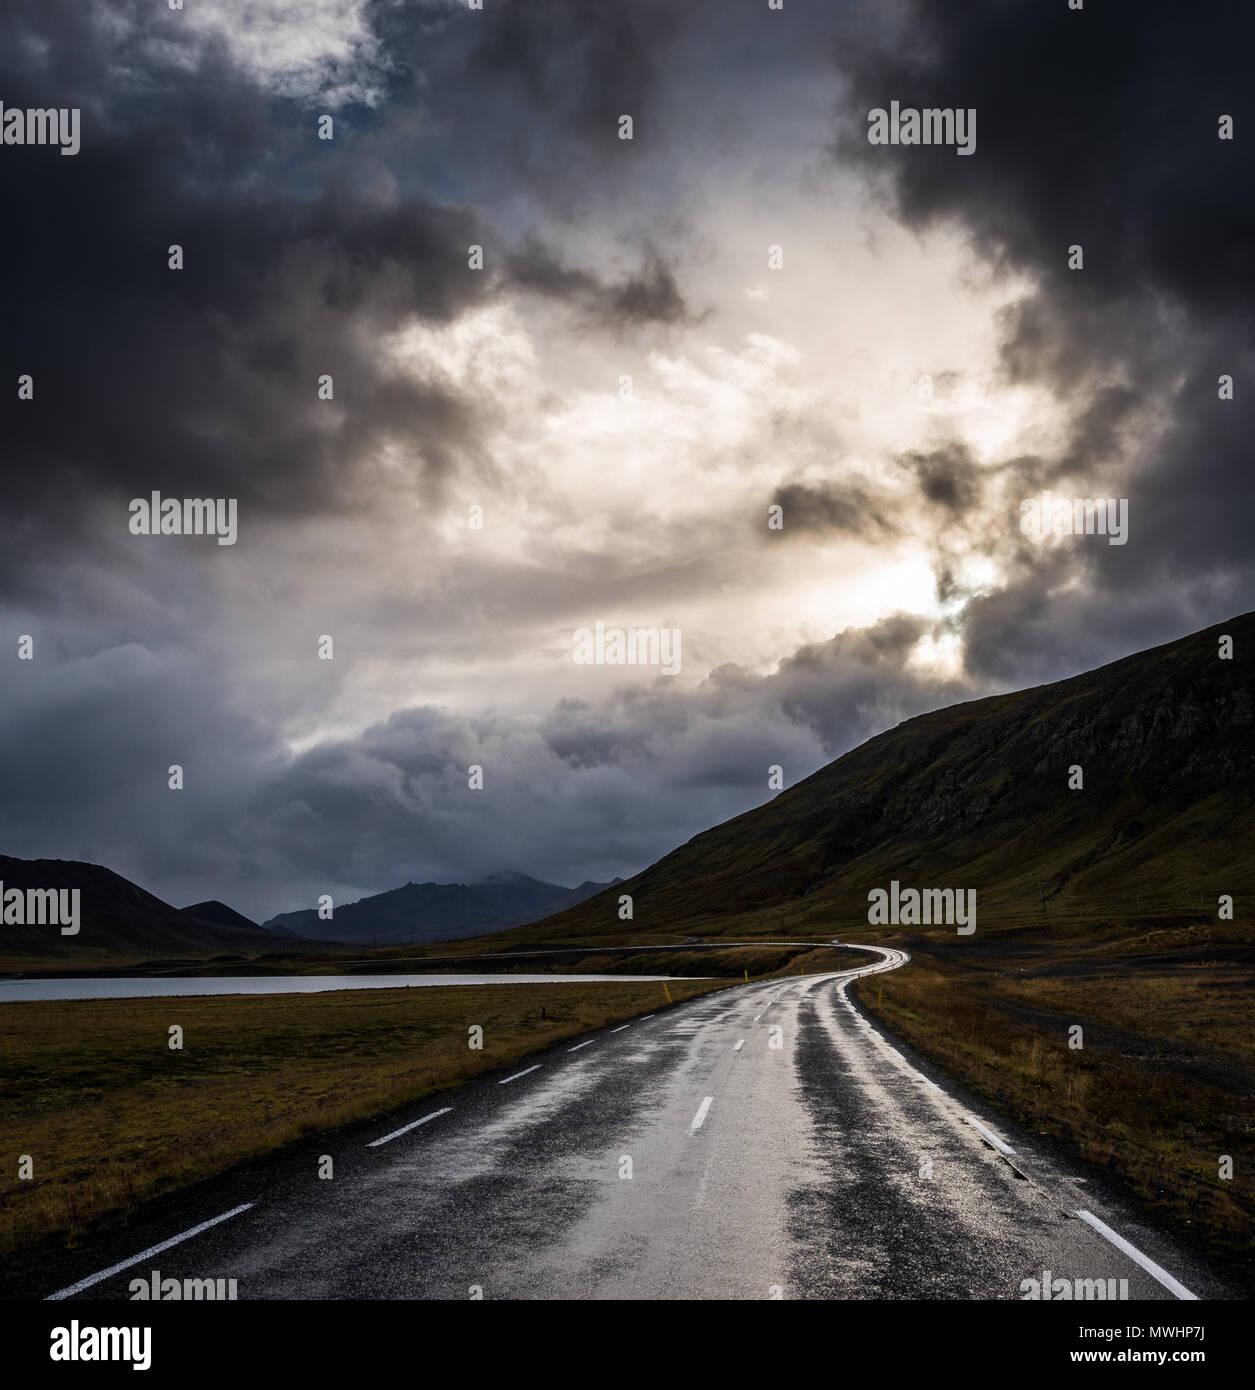 Une route sur la péninsule de snæfellsnes islandaise sur une matinée pluvieuse Photo Stock